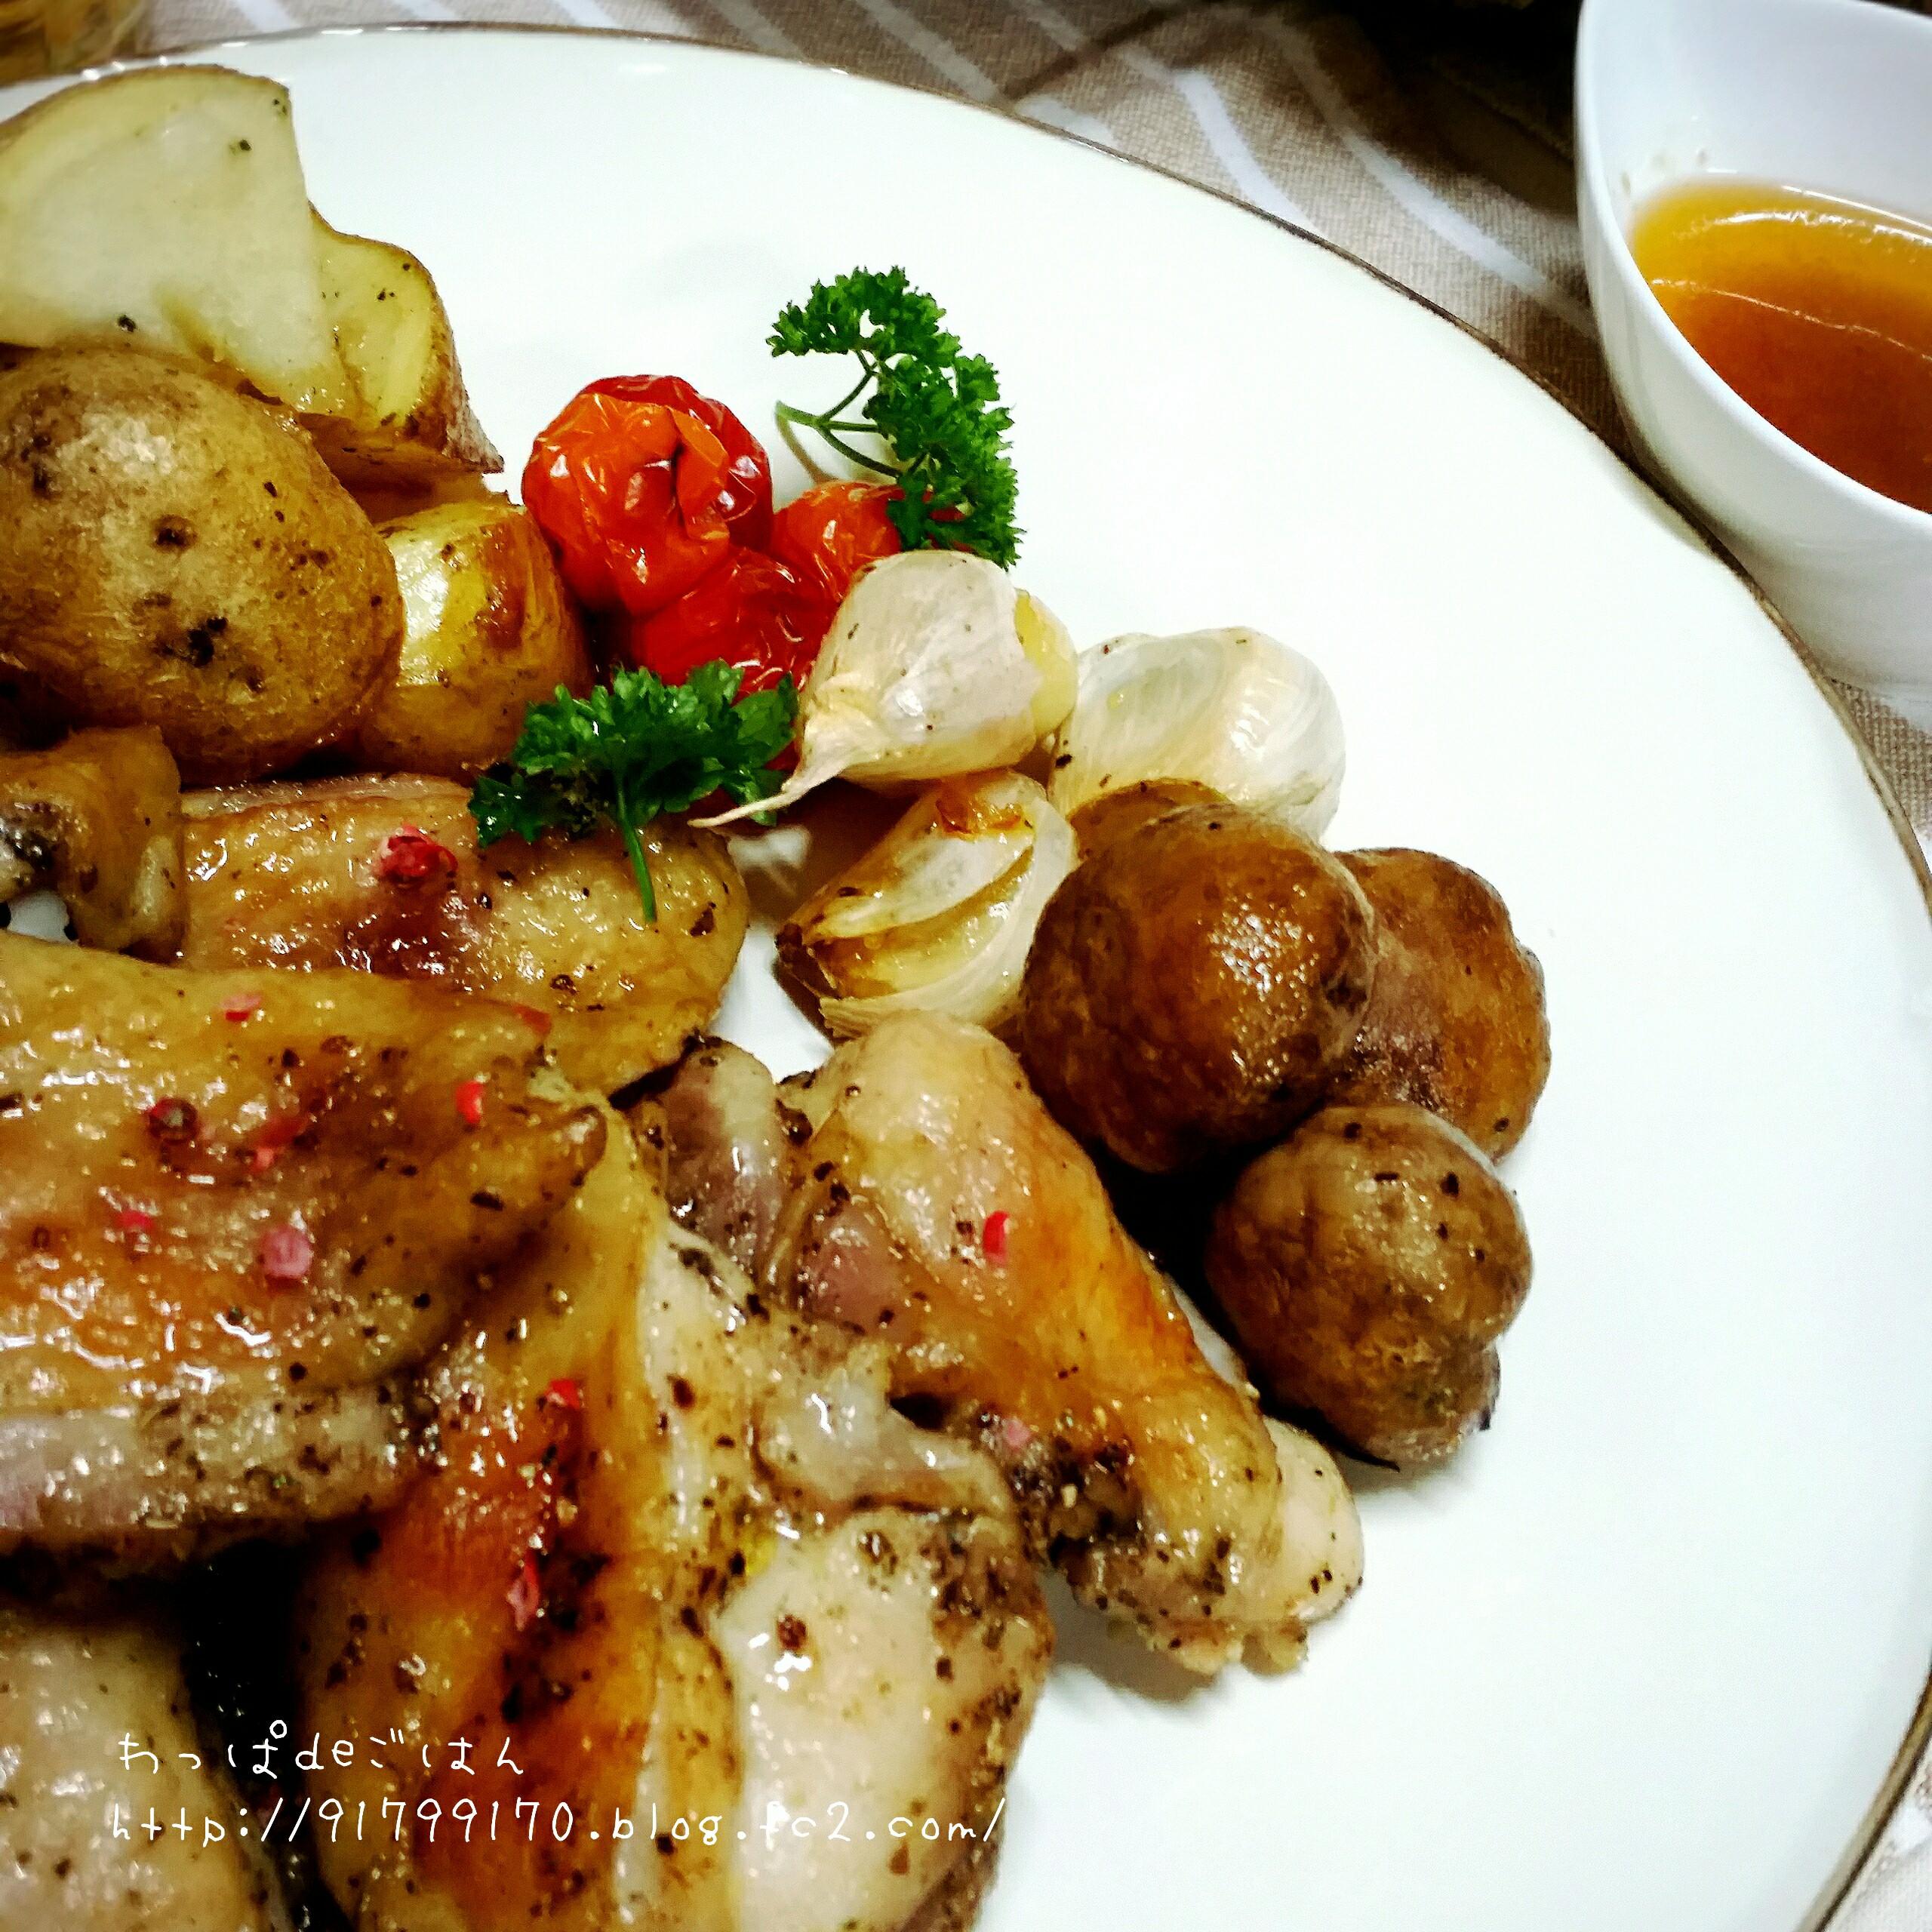 鶏モモ肉のオーブン焼き